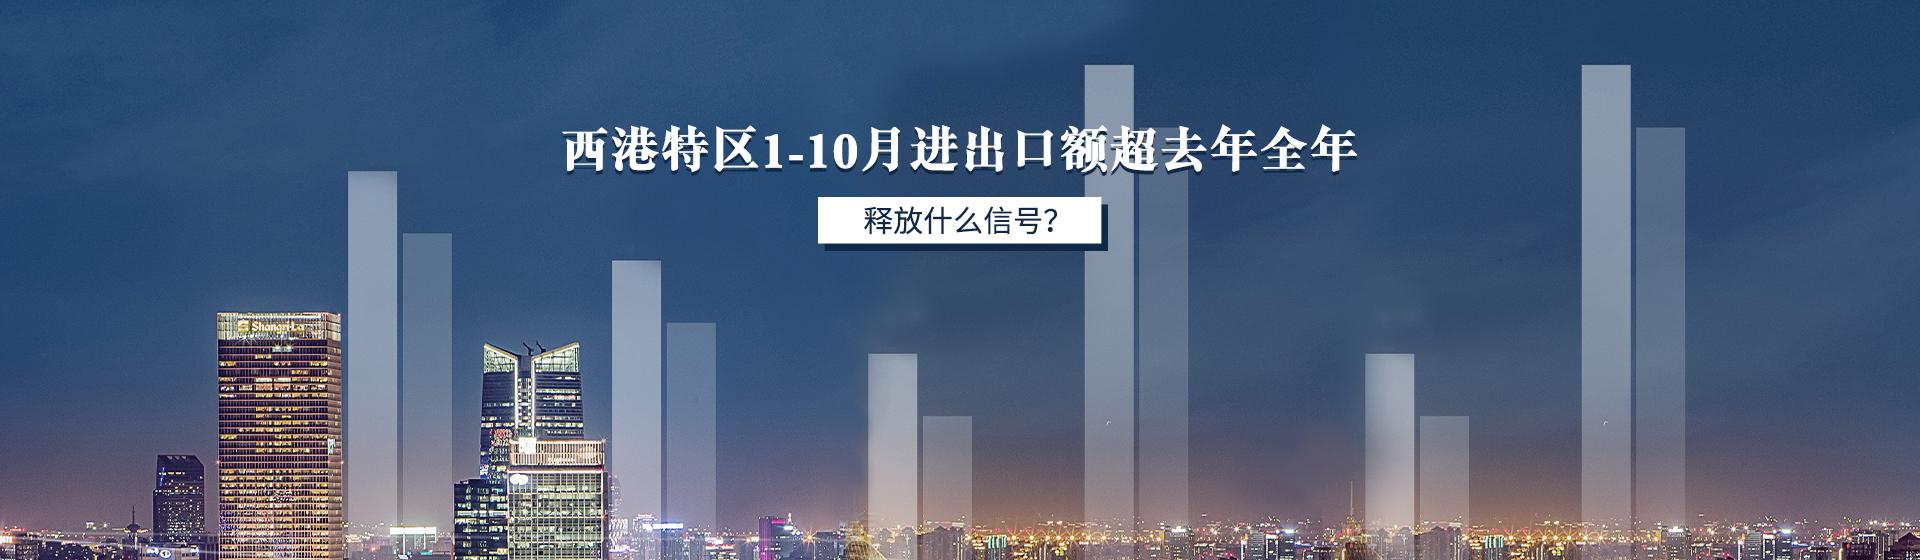 西港特区1-10月进出口额  PC中文